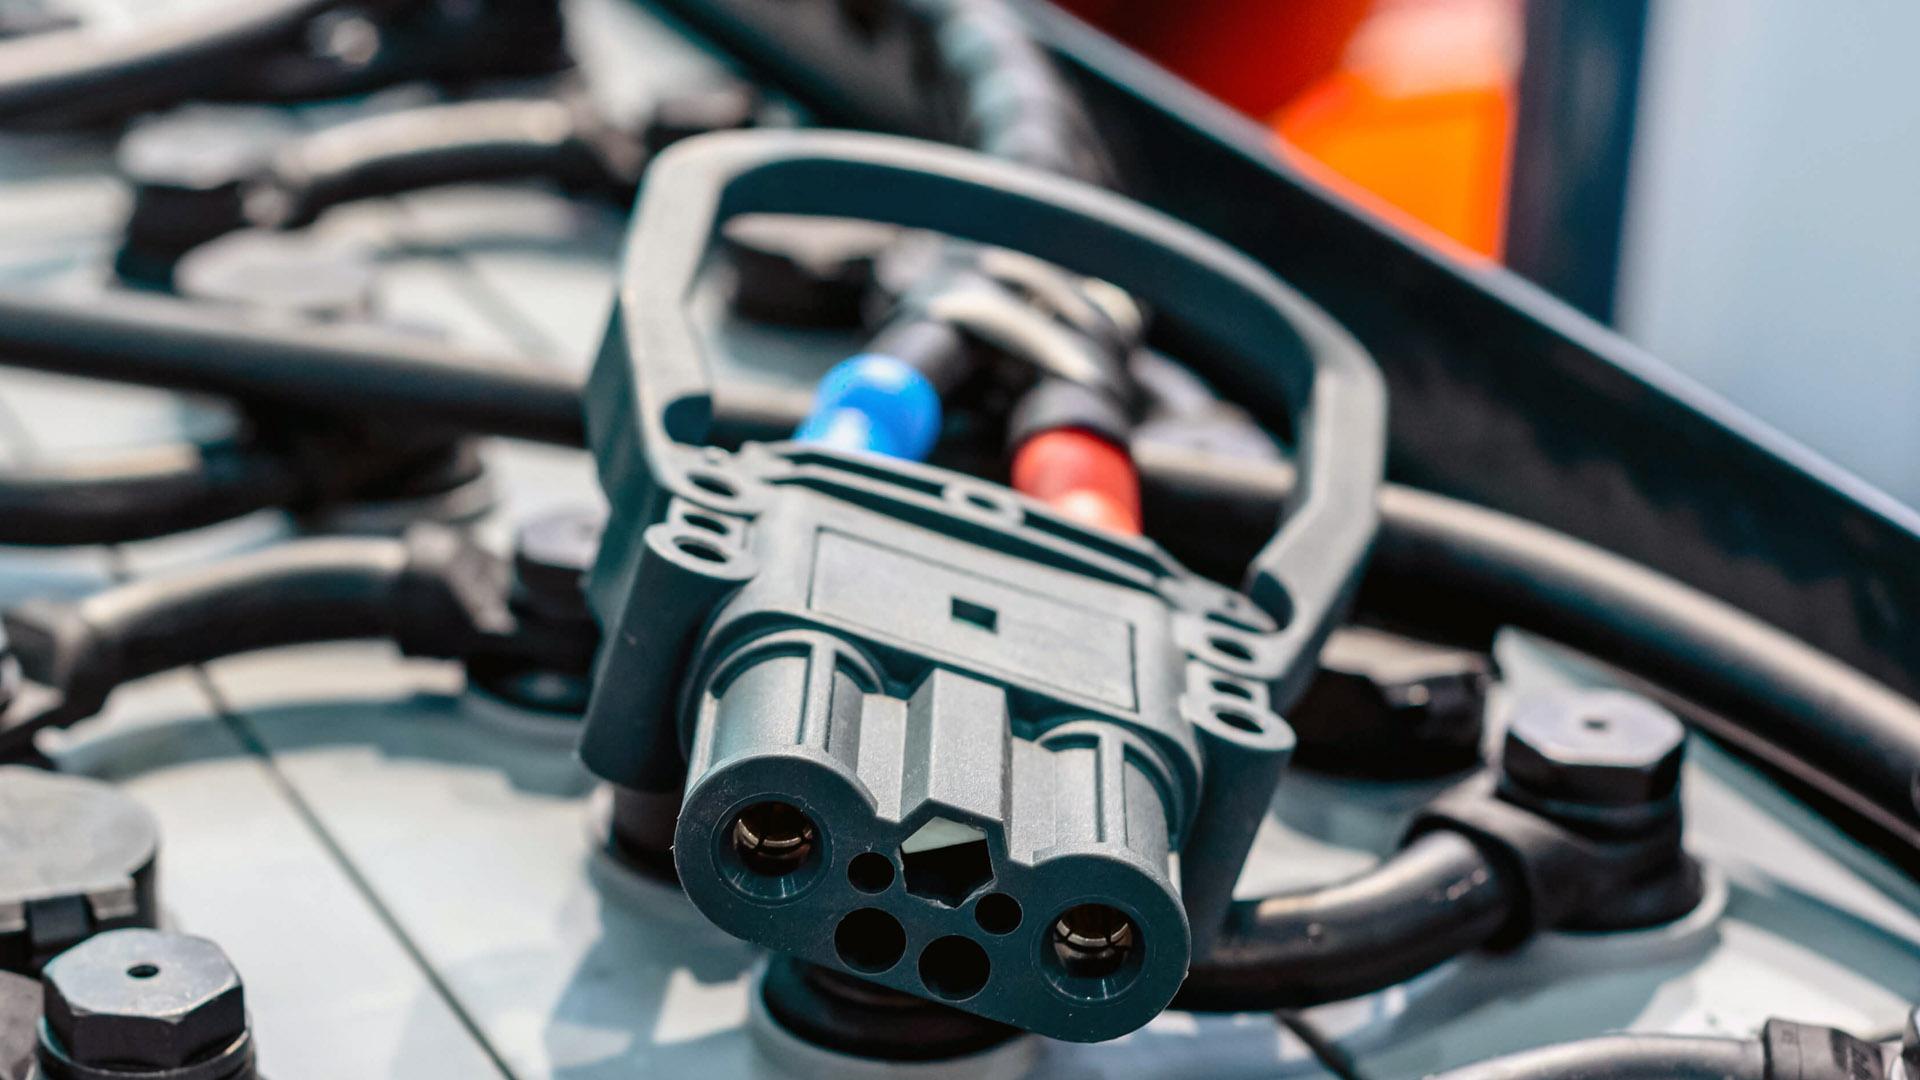 Poseen desempeño más eficiente del combustible